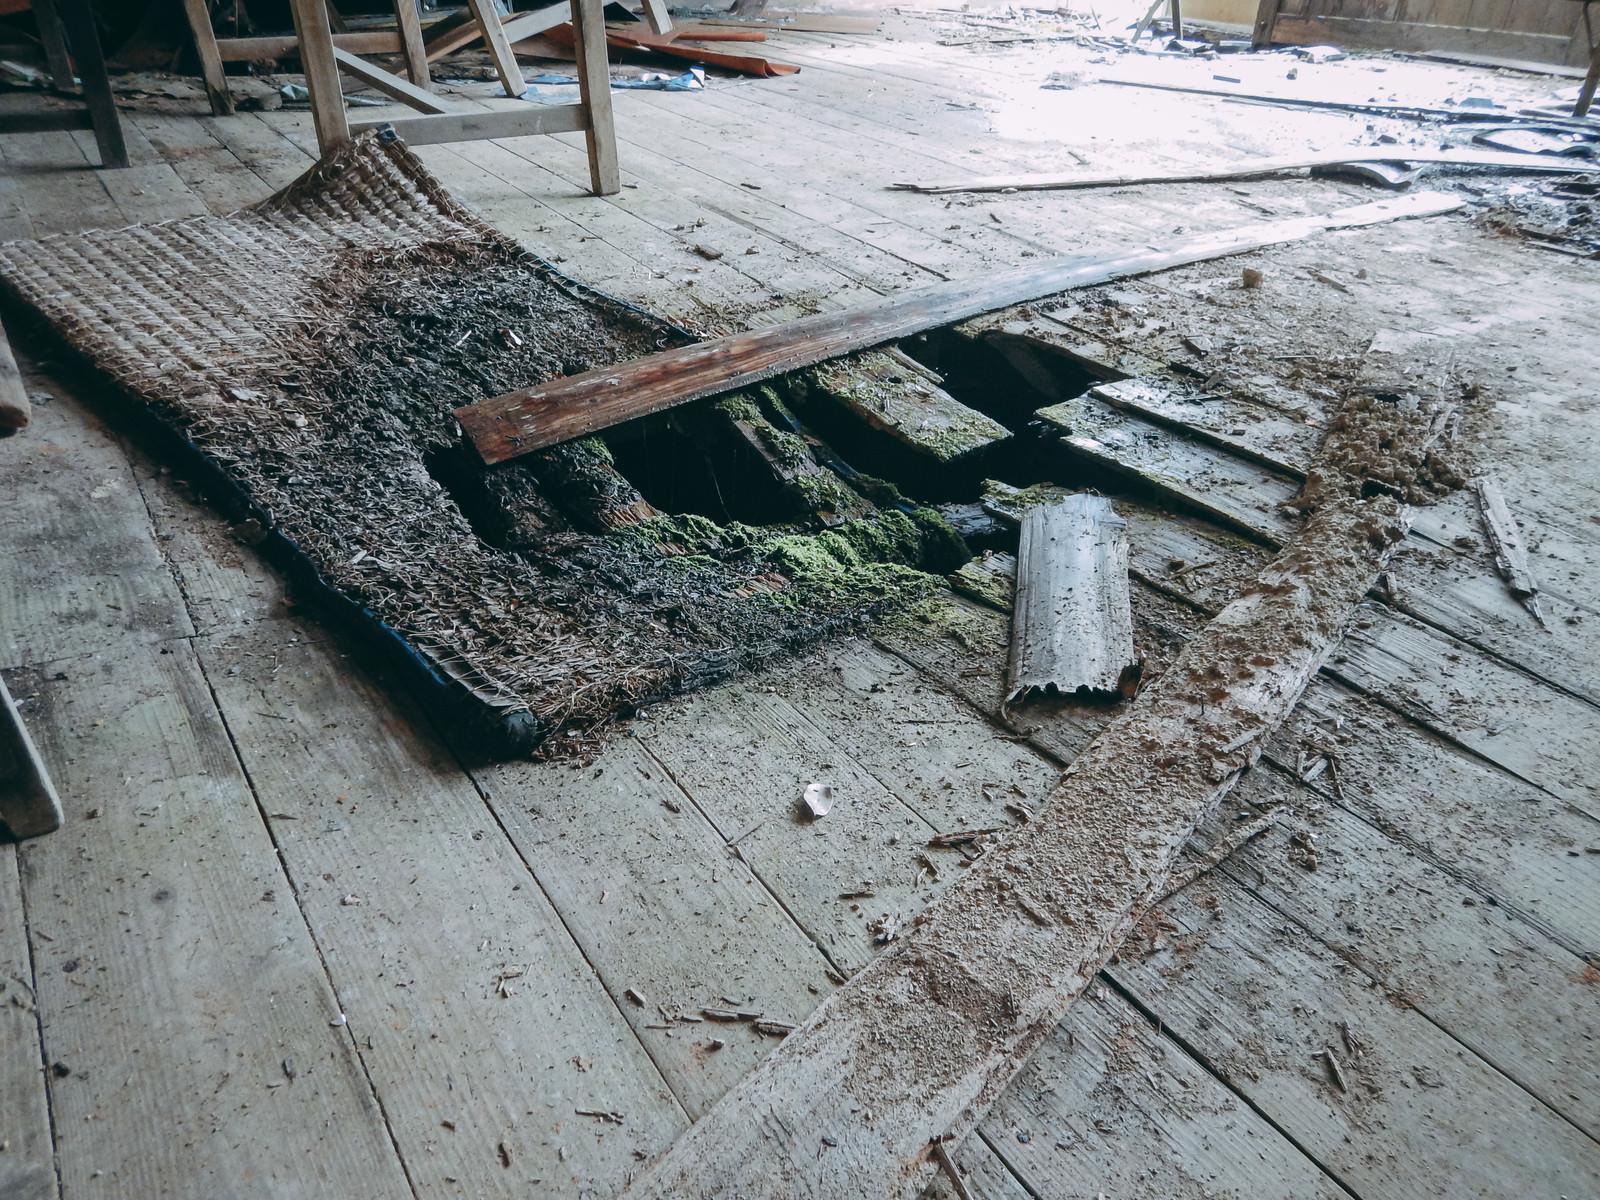 「廃教室の床に穴が空いた」の写真